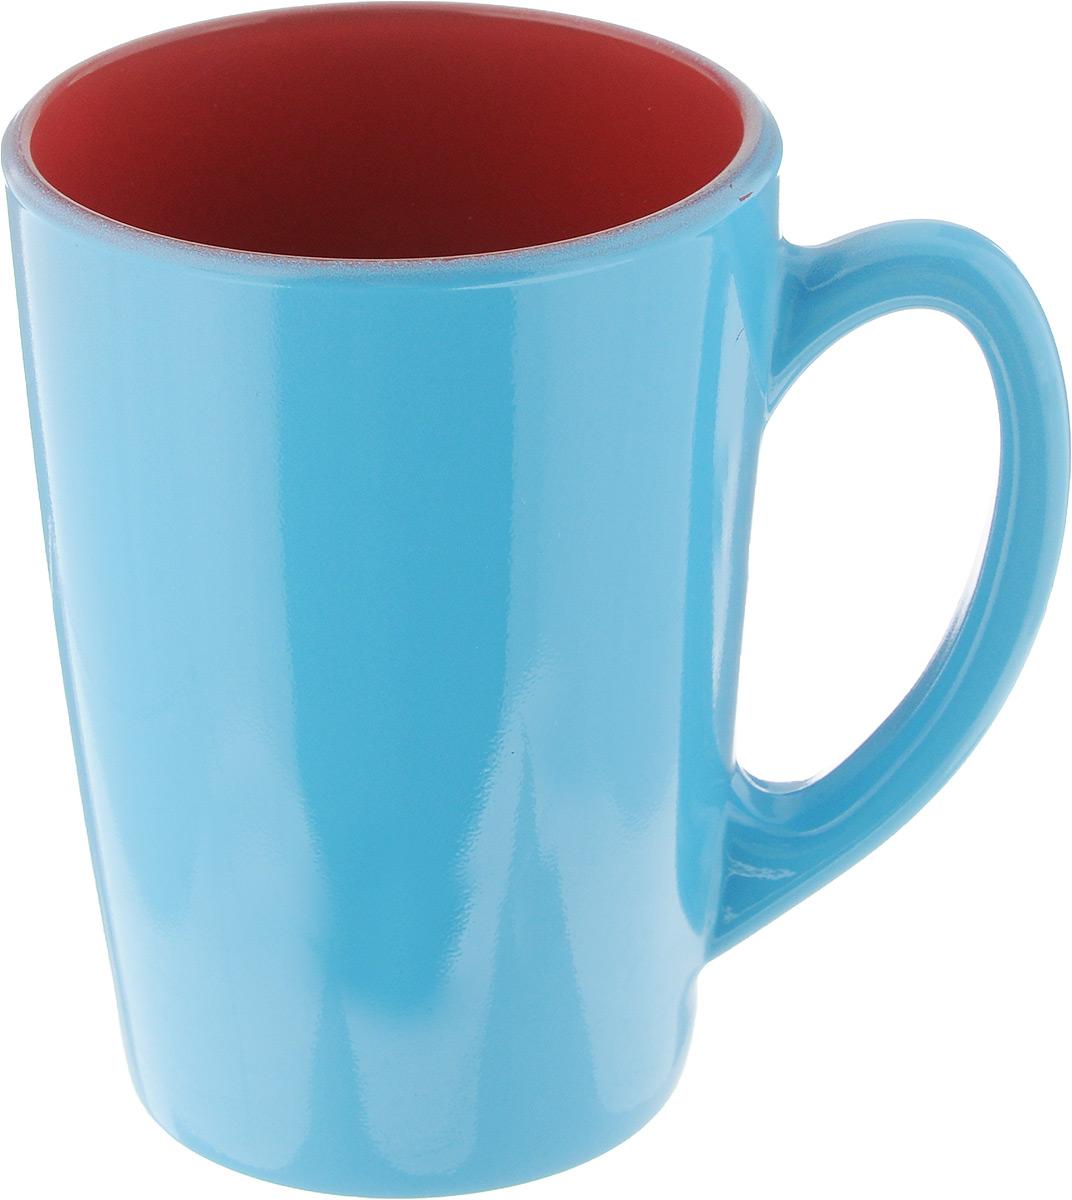 Кружка Luminarc Spring Break, цвет: голубой, красный, 320 мл. J3417-1J3417-1_голубой, красныйКружка Luminarc Spring Break, изготовленная из ударопрочного стекла, прекрасно подойдет для горячих и холодных напитков. Она дополнит коллекцию вашей кухонной посуды и будет служить долгие годы. Можно использовать в микроволновой печи и мыть в посудомоечной машине. Диаметр кружки (по верхнему краю): 8 см.Высота стенки кружки: 11 см.